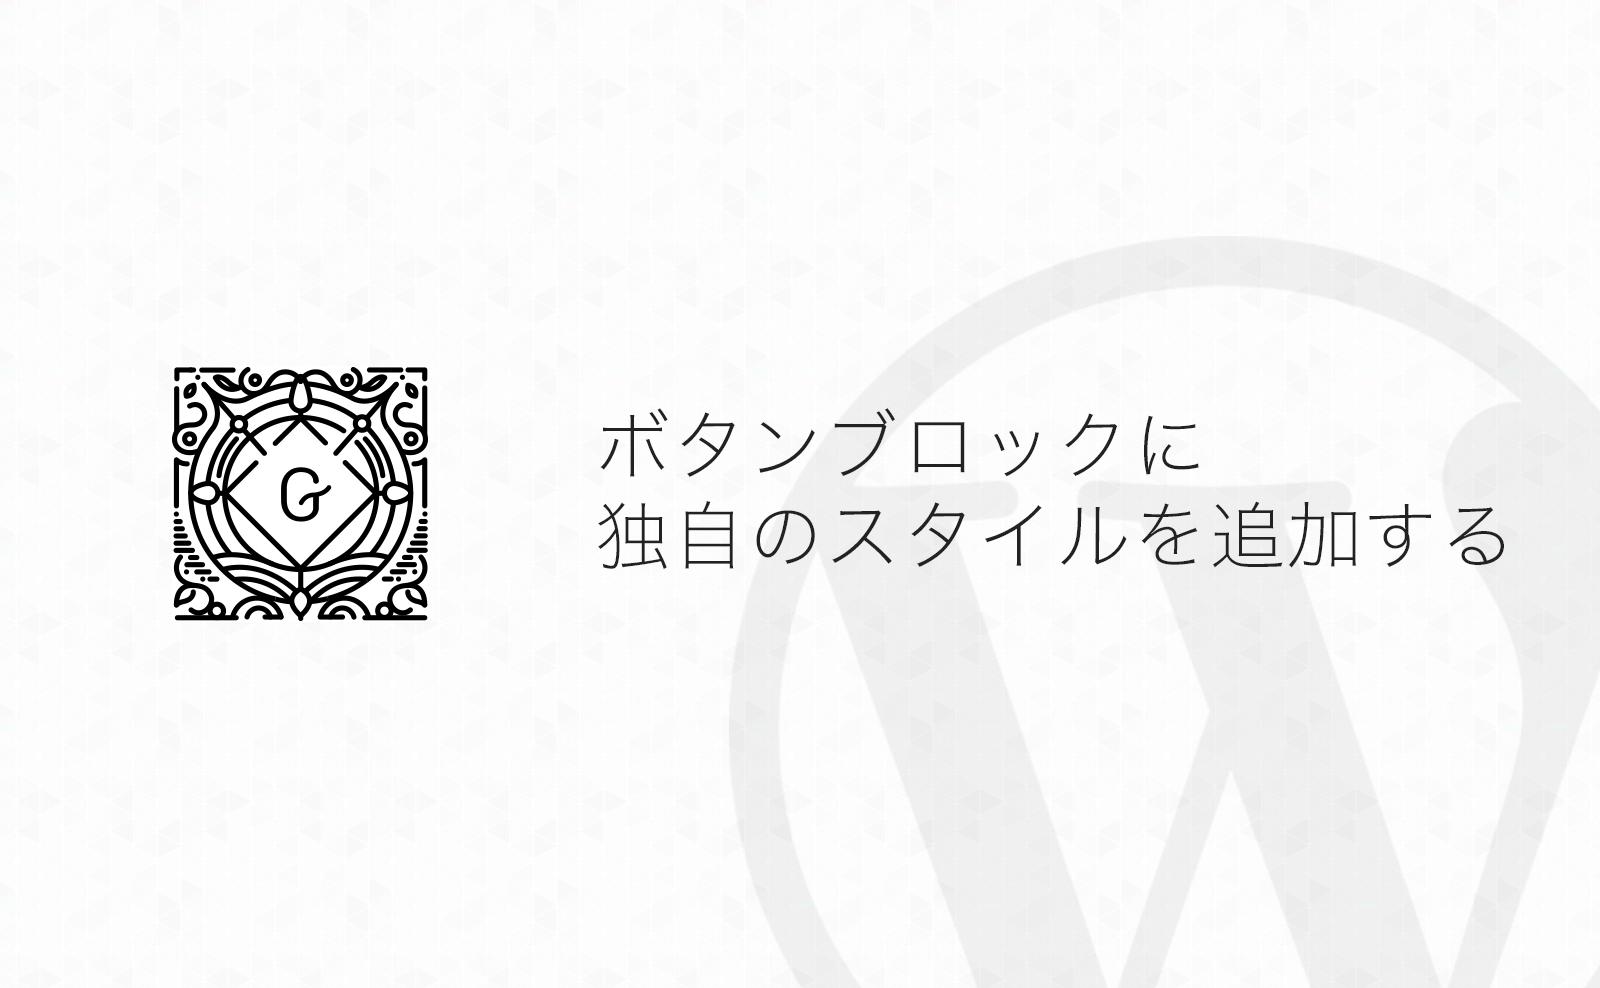 【WordPress】ブロックエディター(Gutenberg)のボタンブロックに独自のスタイルを追加してみる